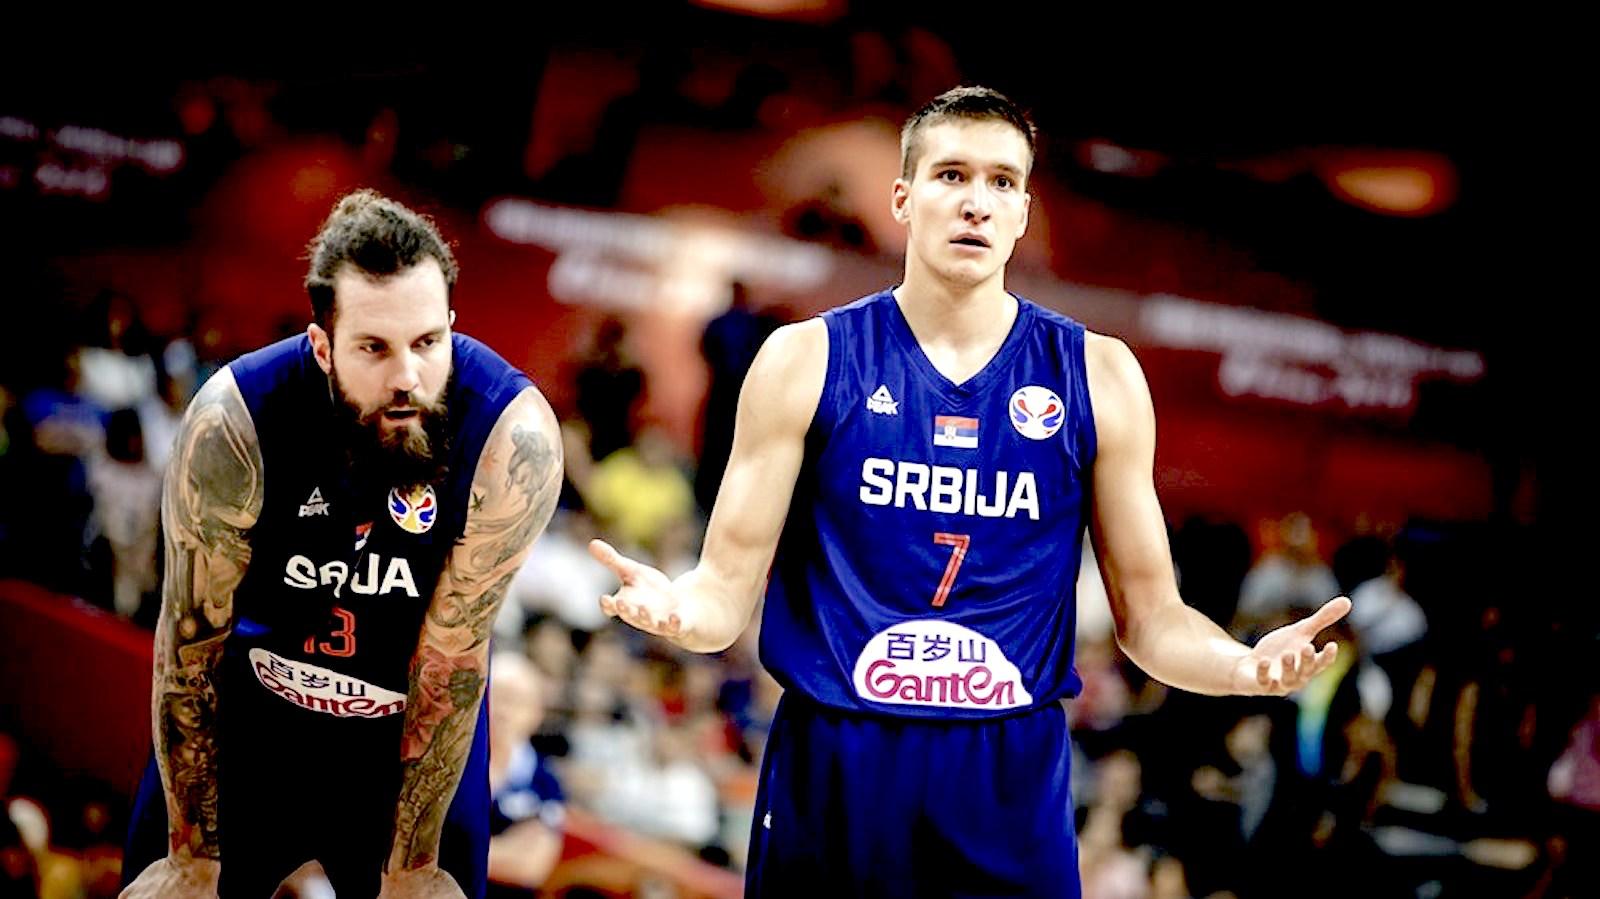 Srbi su bili glavni favoriti Svjetskog prvenstva, ali su neslavno ispali. Što se dogodilo?